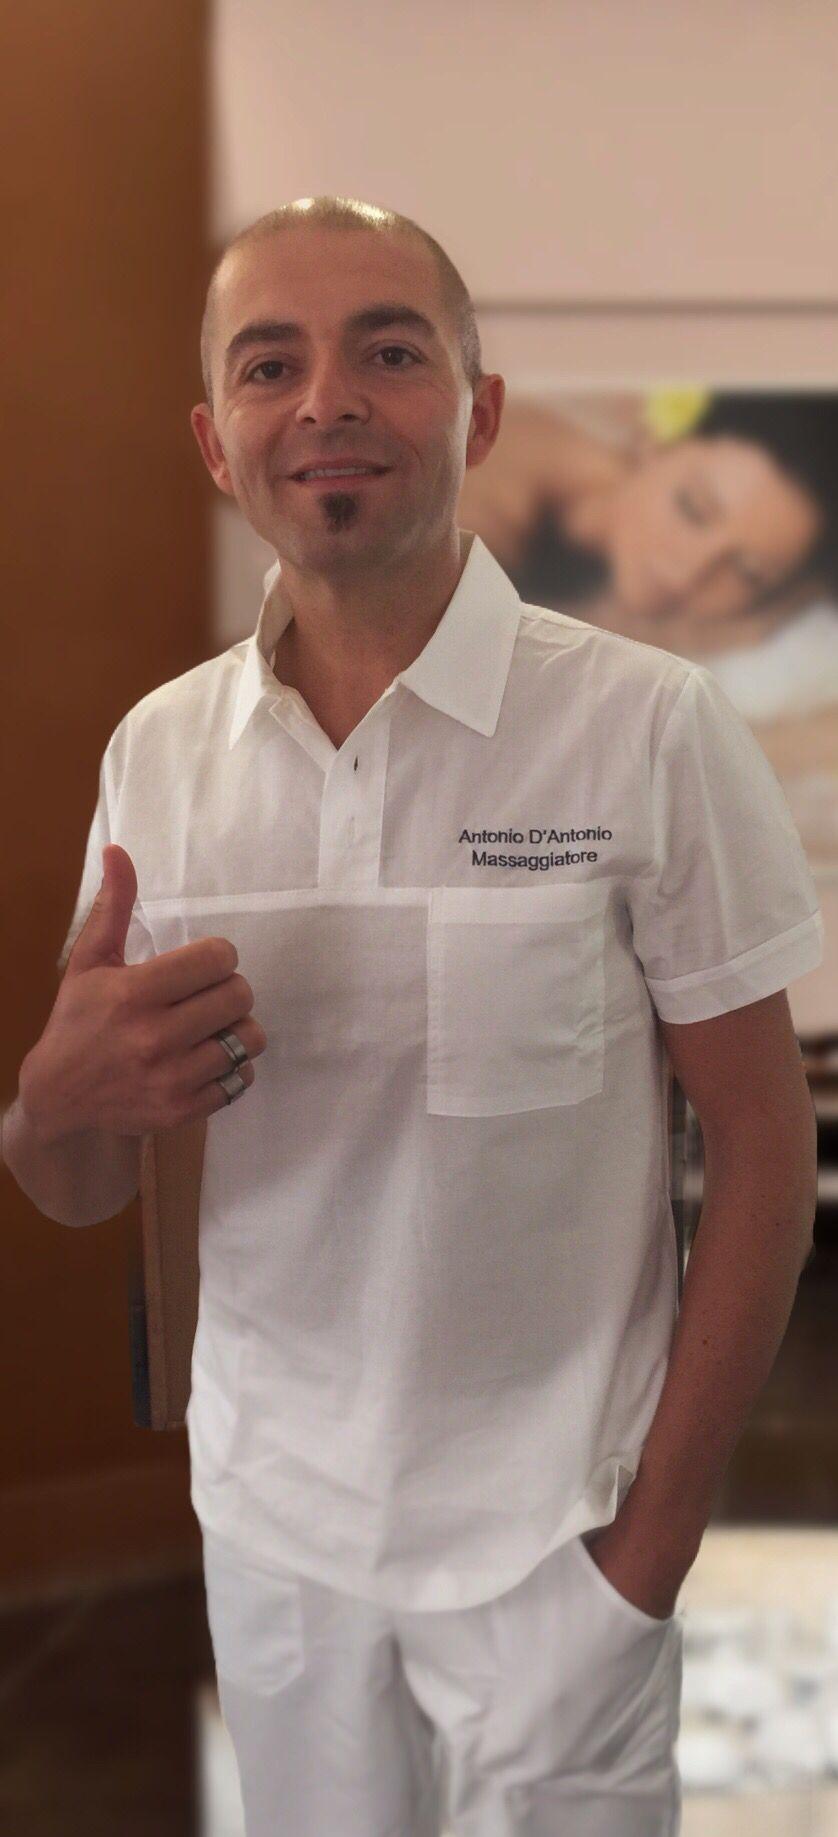 antonio-dantonio-massaggiatore1